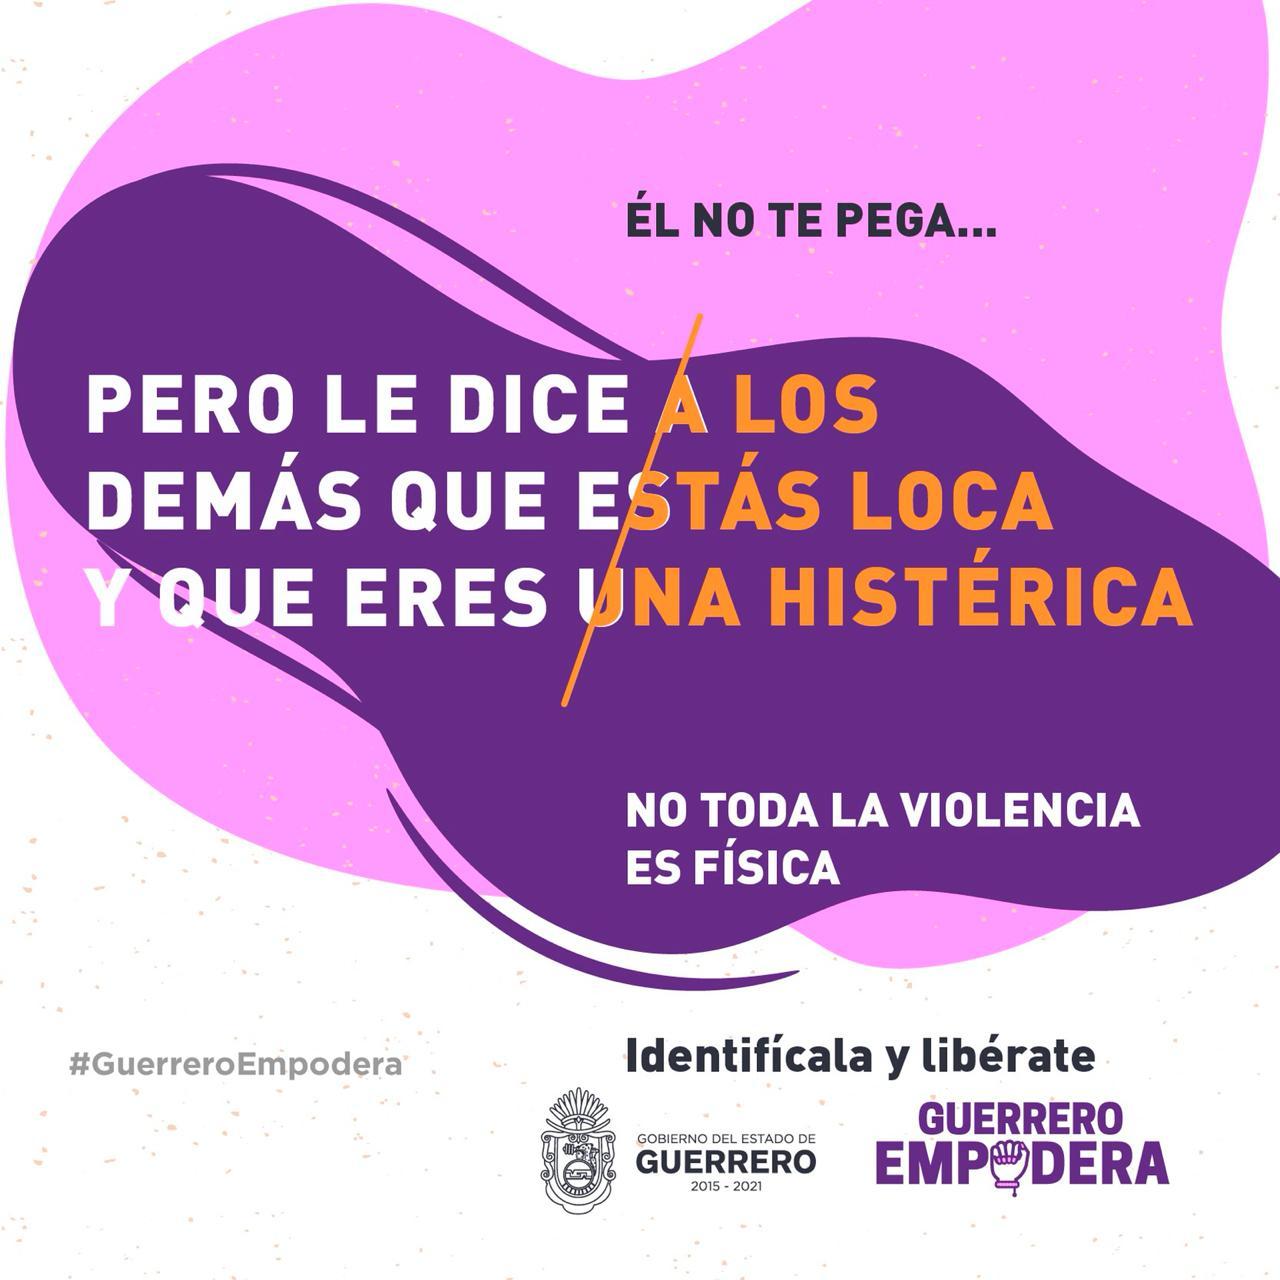 #GuerreroEmpodera